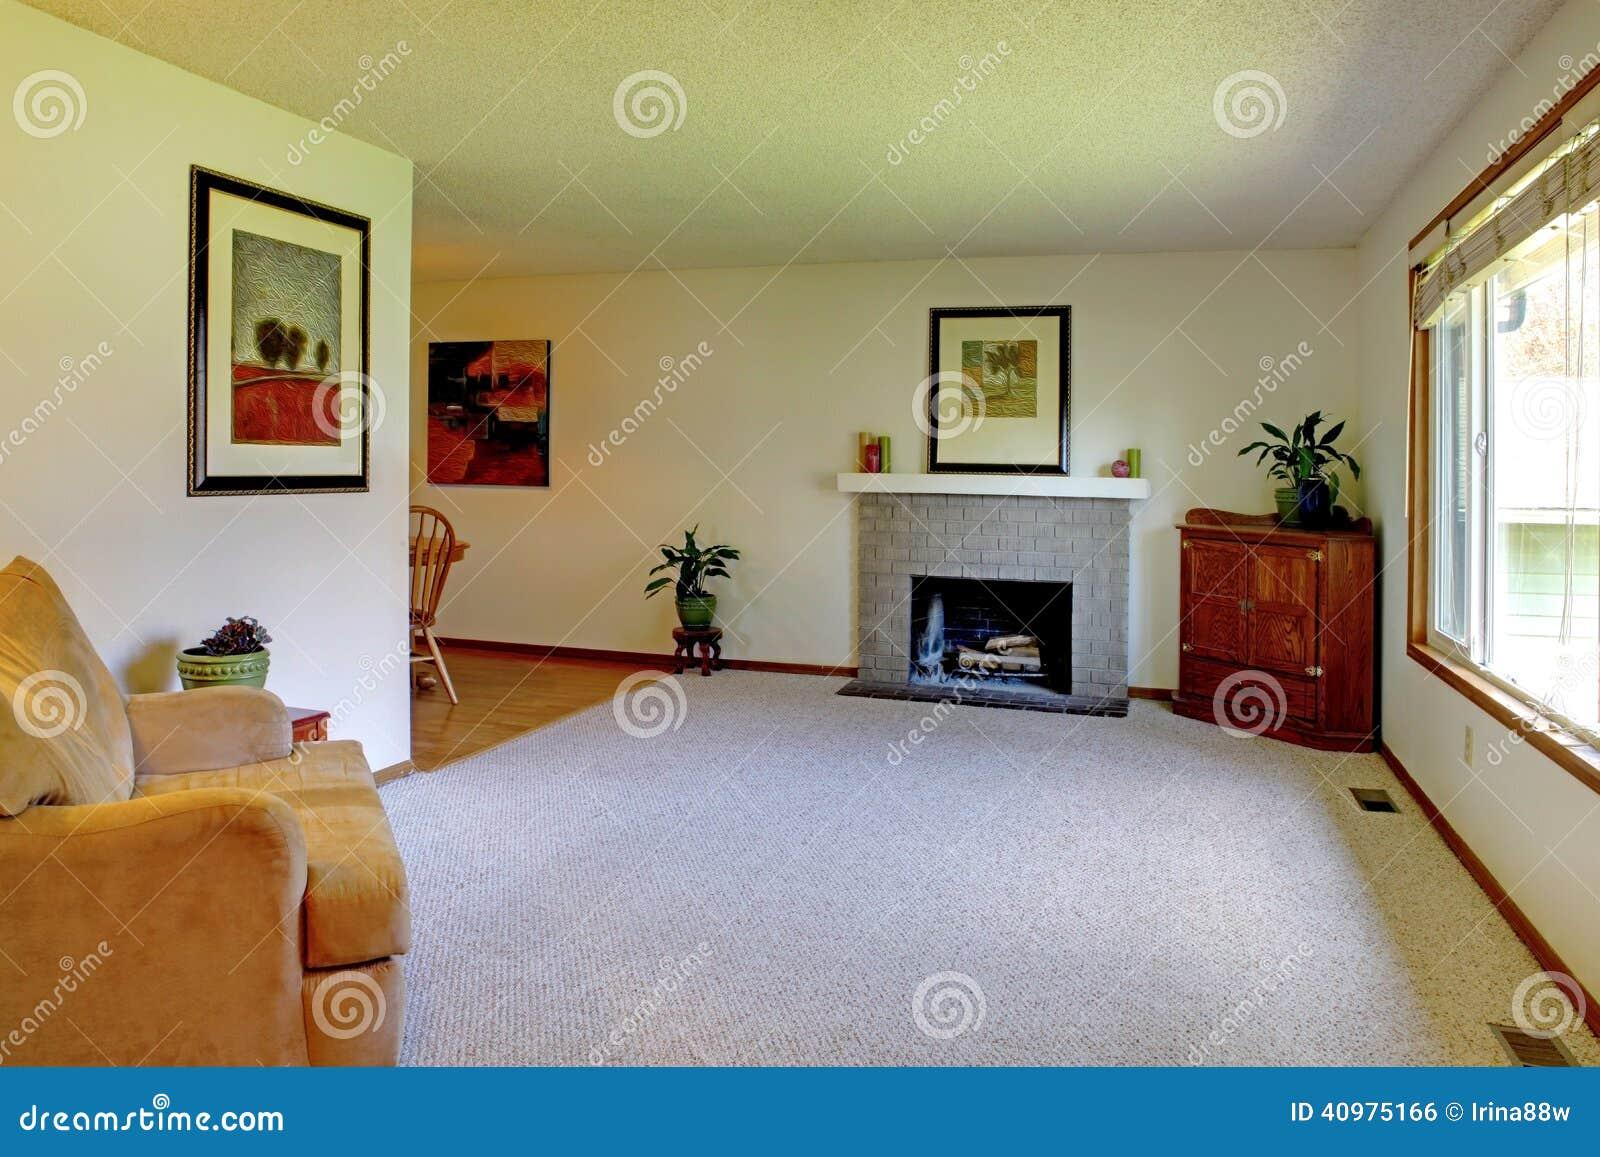 Kleines Wohnzimmer Mit Kamin Stockfoto Bild Von Zustand Familie